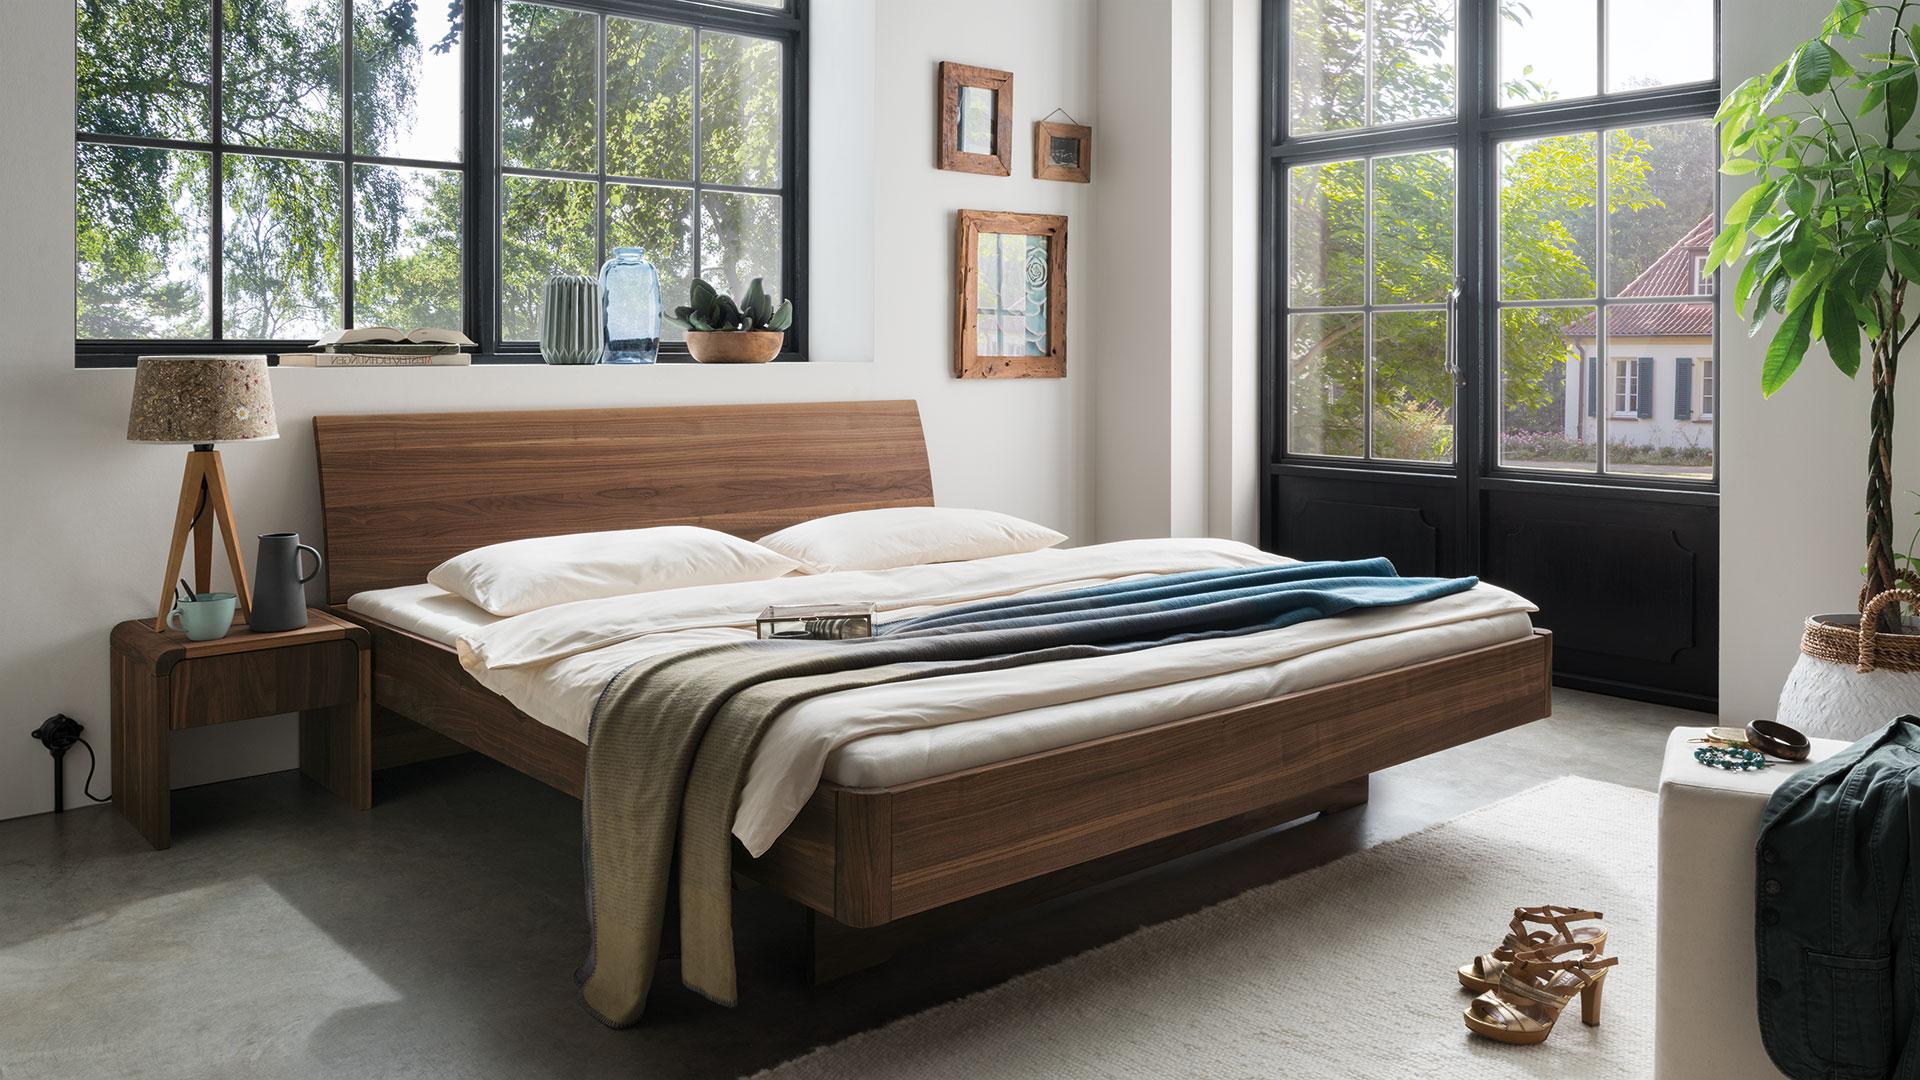 Full Size of Rückwand Bett Holz Schwebebett Nocellara Exklusives Designerbett In Vollendeter 1 40x2 00 Einzelbett Landhausstil Mit Schubladen Betten Matratze Und Wohnzimmer Rückwand Bett Holz